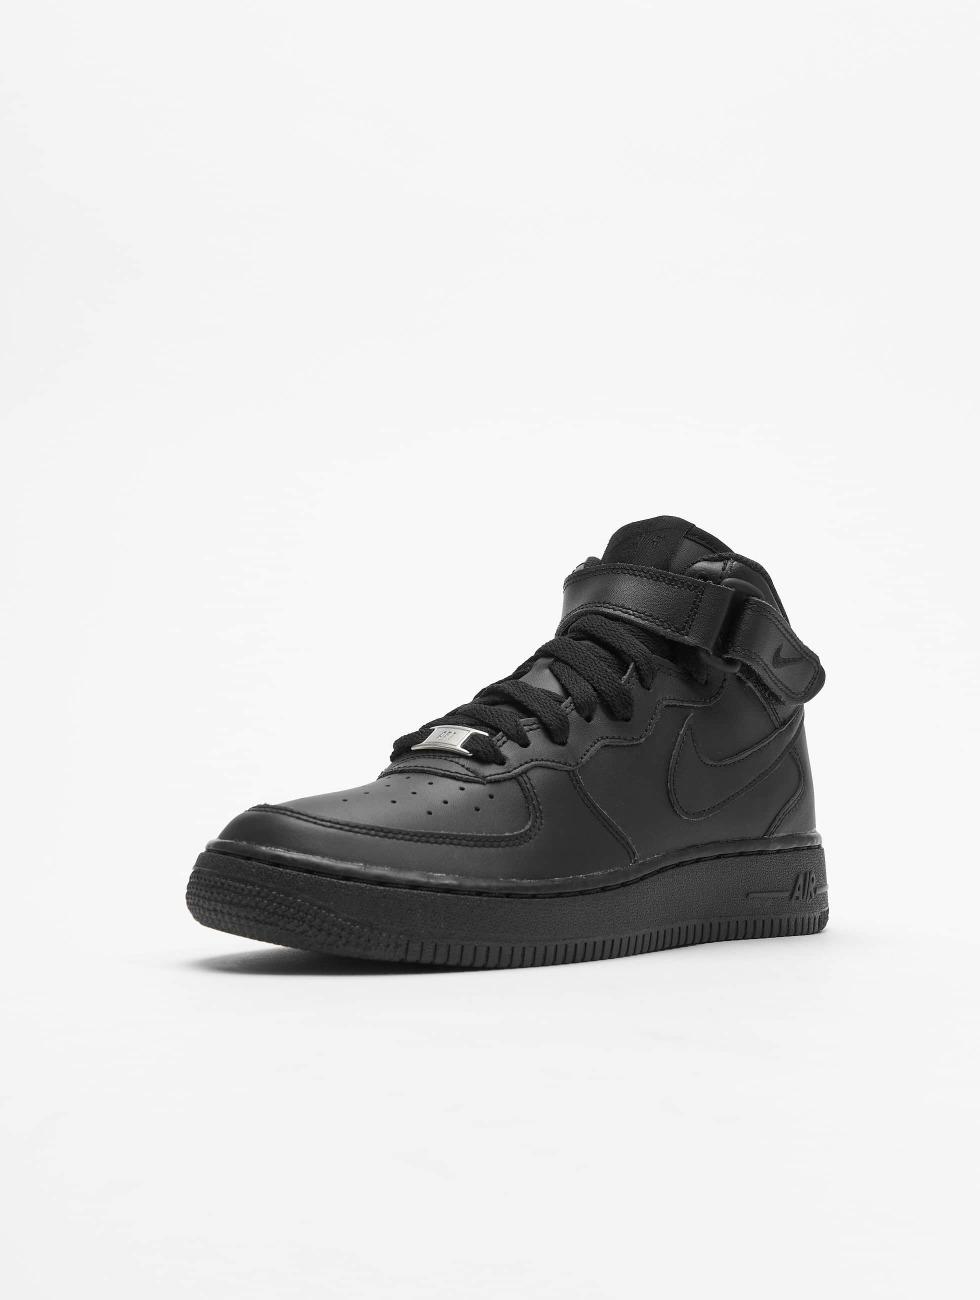 Nike Chaussure / Basket En Noir 52705 Le Plus Grand Fournisseur En Ligne Pas Cher multicolore Obtenir Authentique En Ligne qDhpZWcV